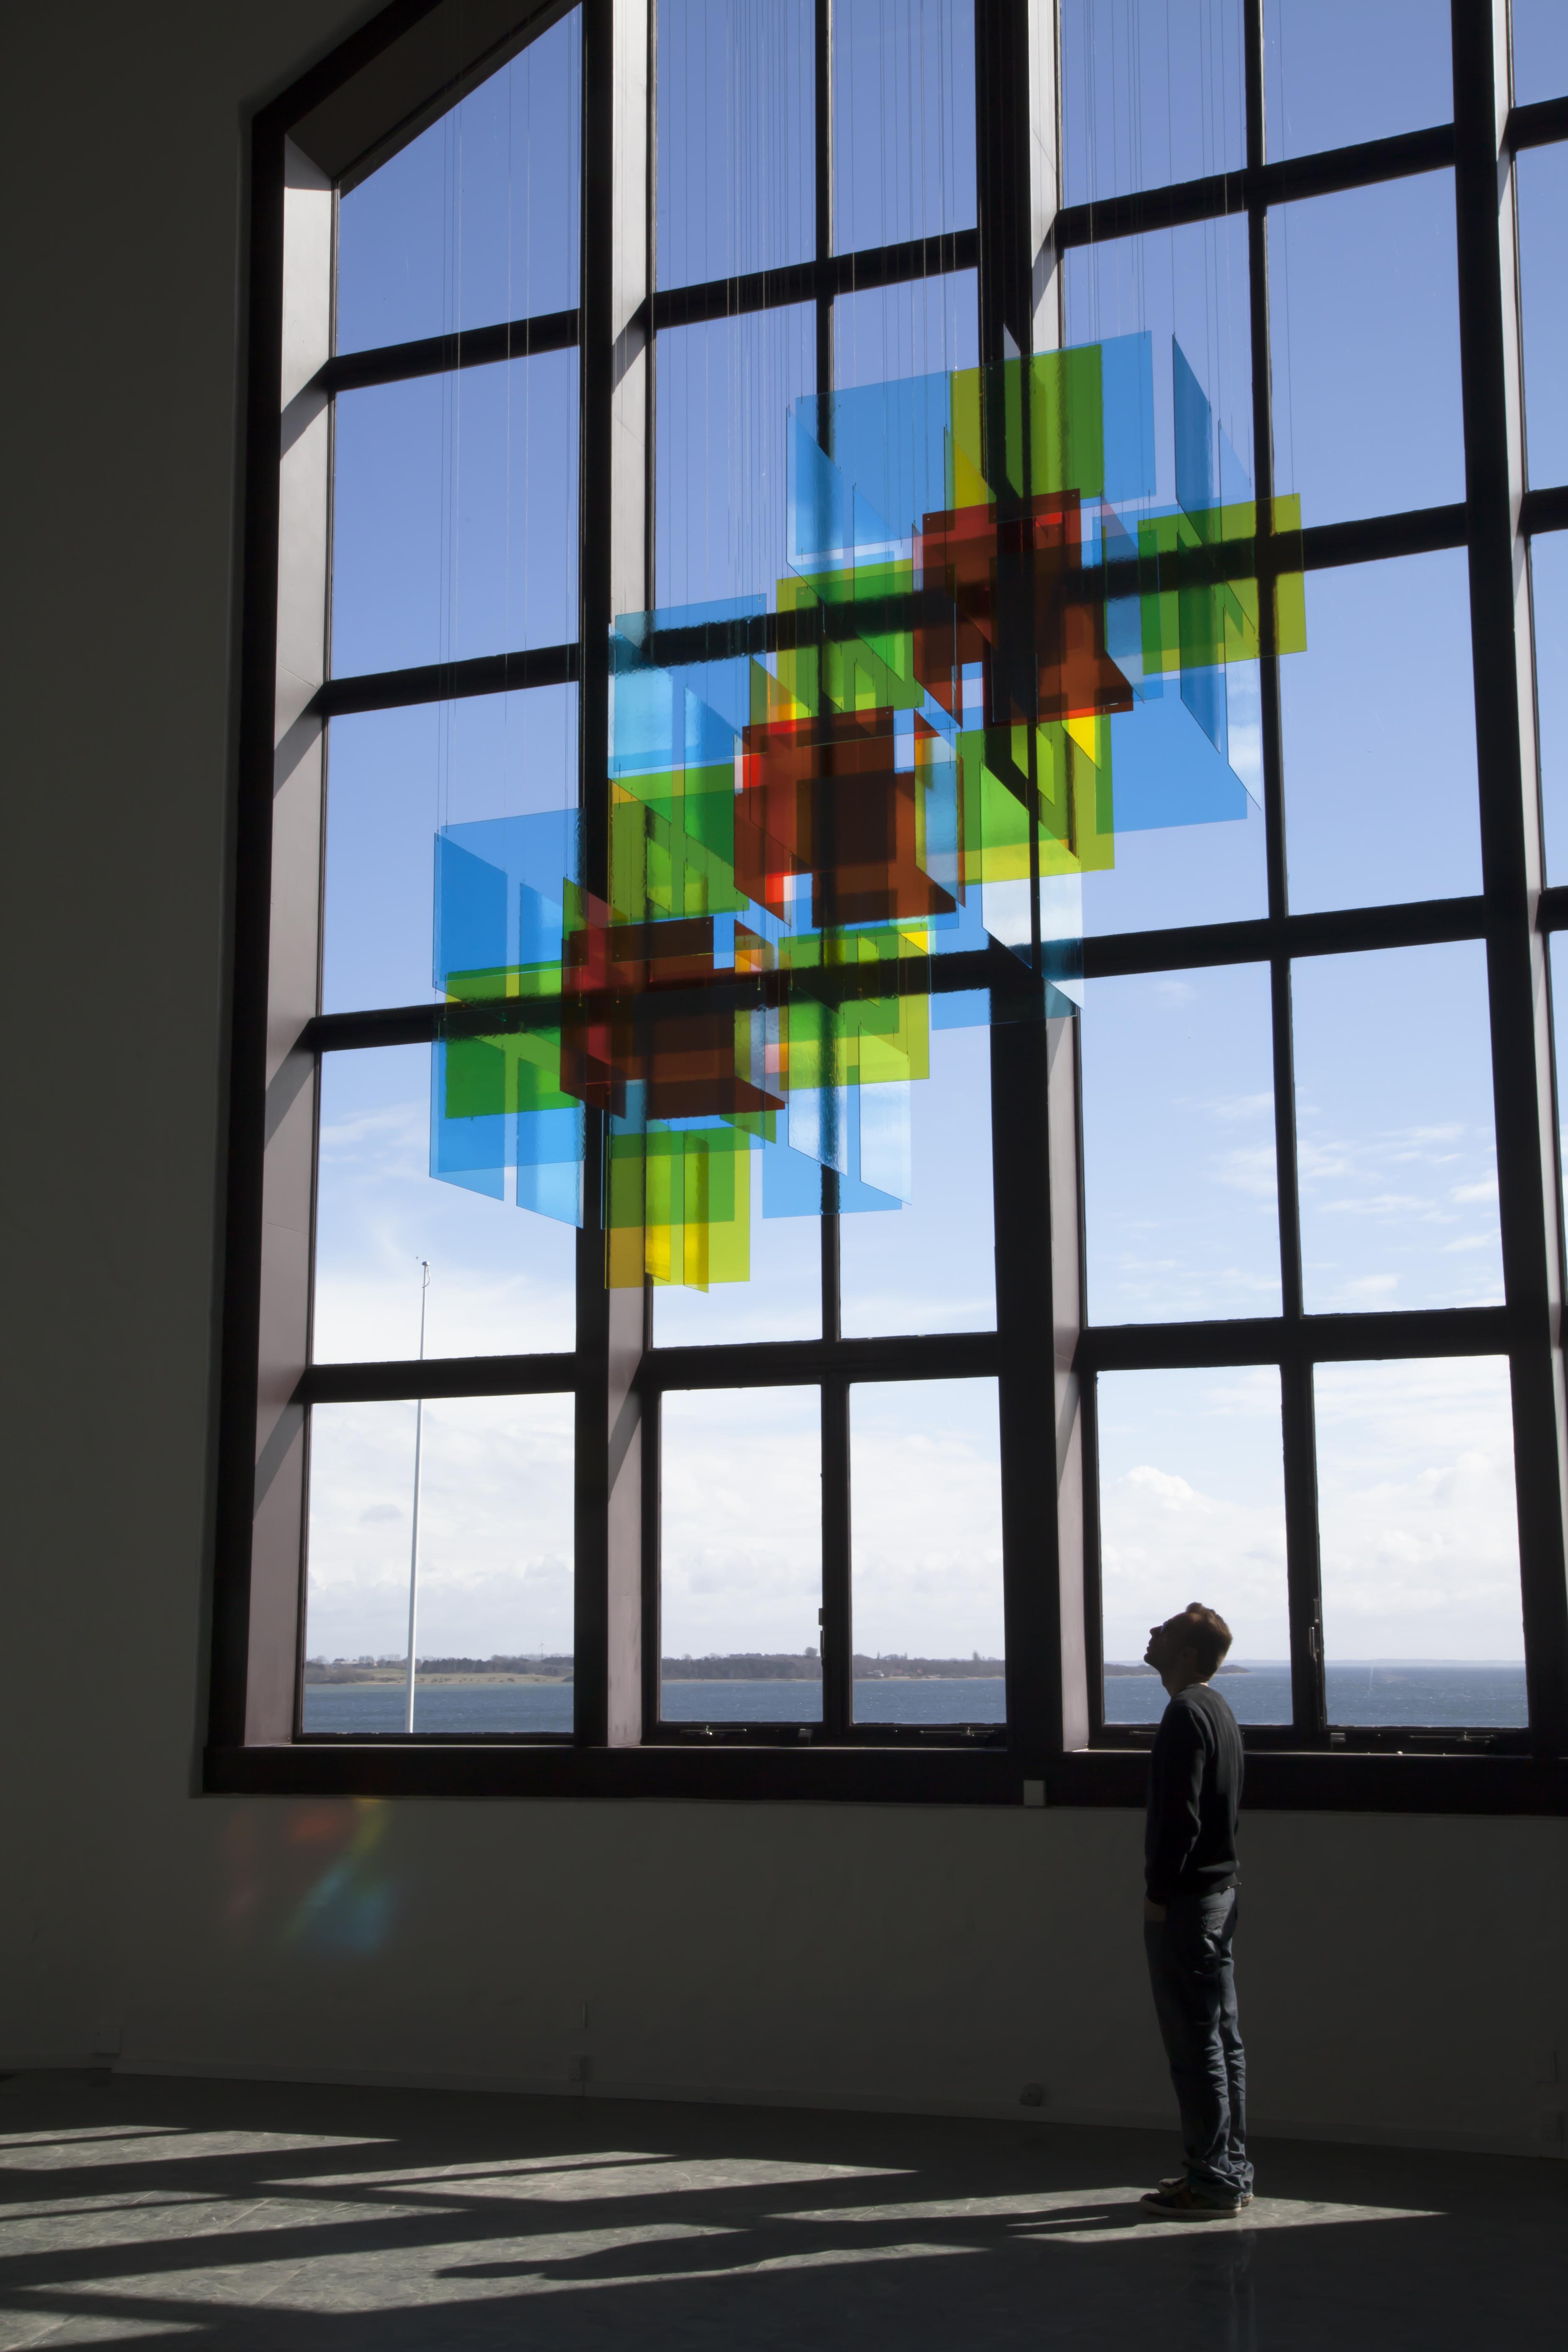 David Magán. Progresión Cúbica II en la exposición Colours en el Hempel Glasmuseum de Dinamarca, en 2015